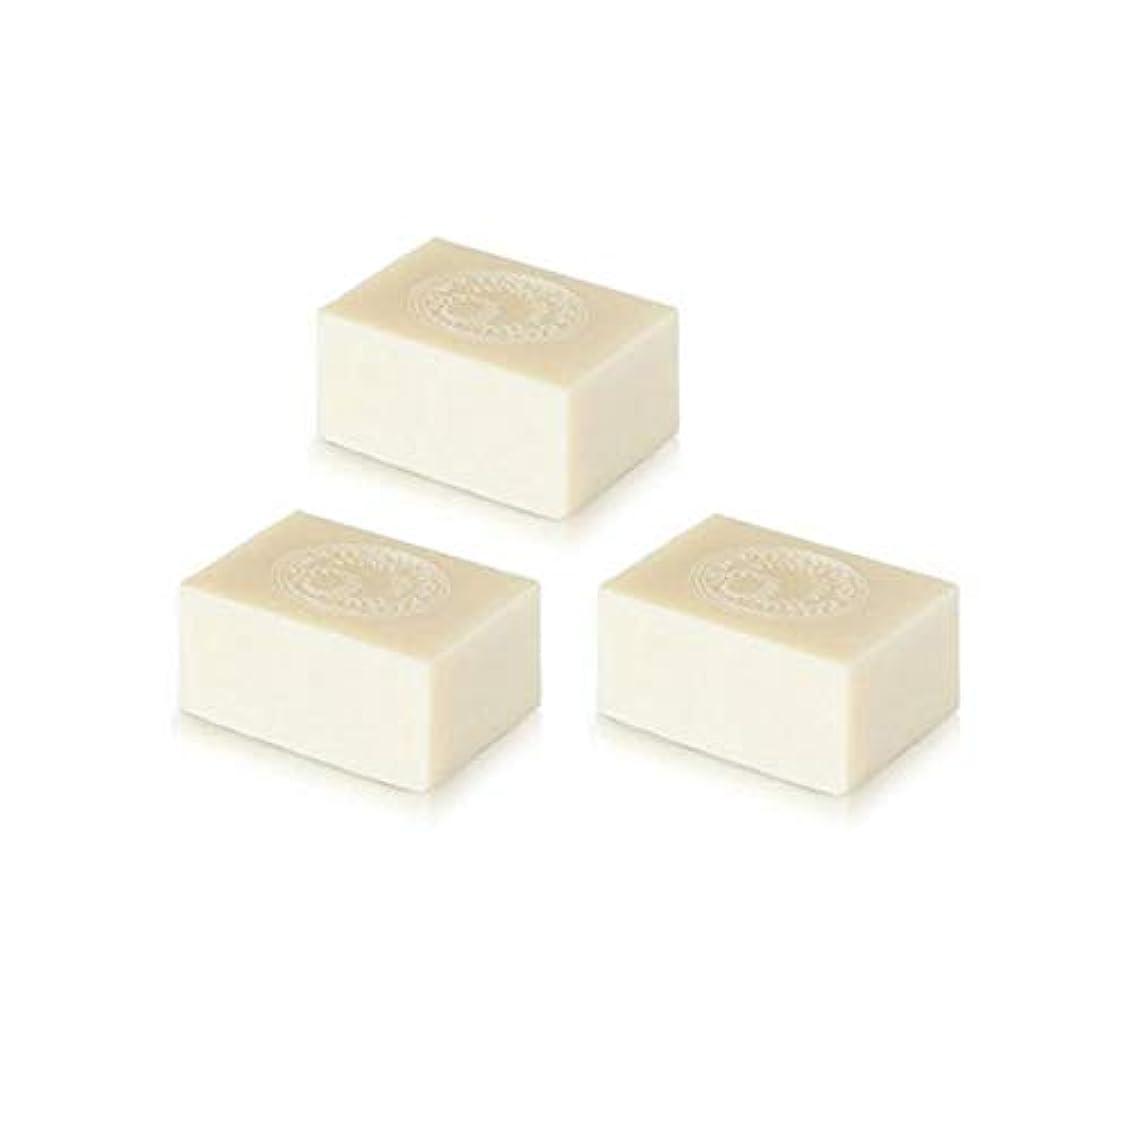 落胆させるフェロー諸島未知のアルガン石鹸3個セット( 145g ×3個) アルガンオイルの完全無添加石鹸